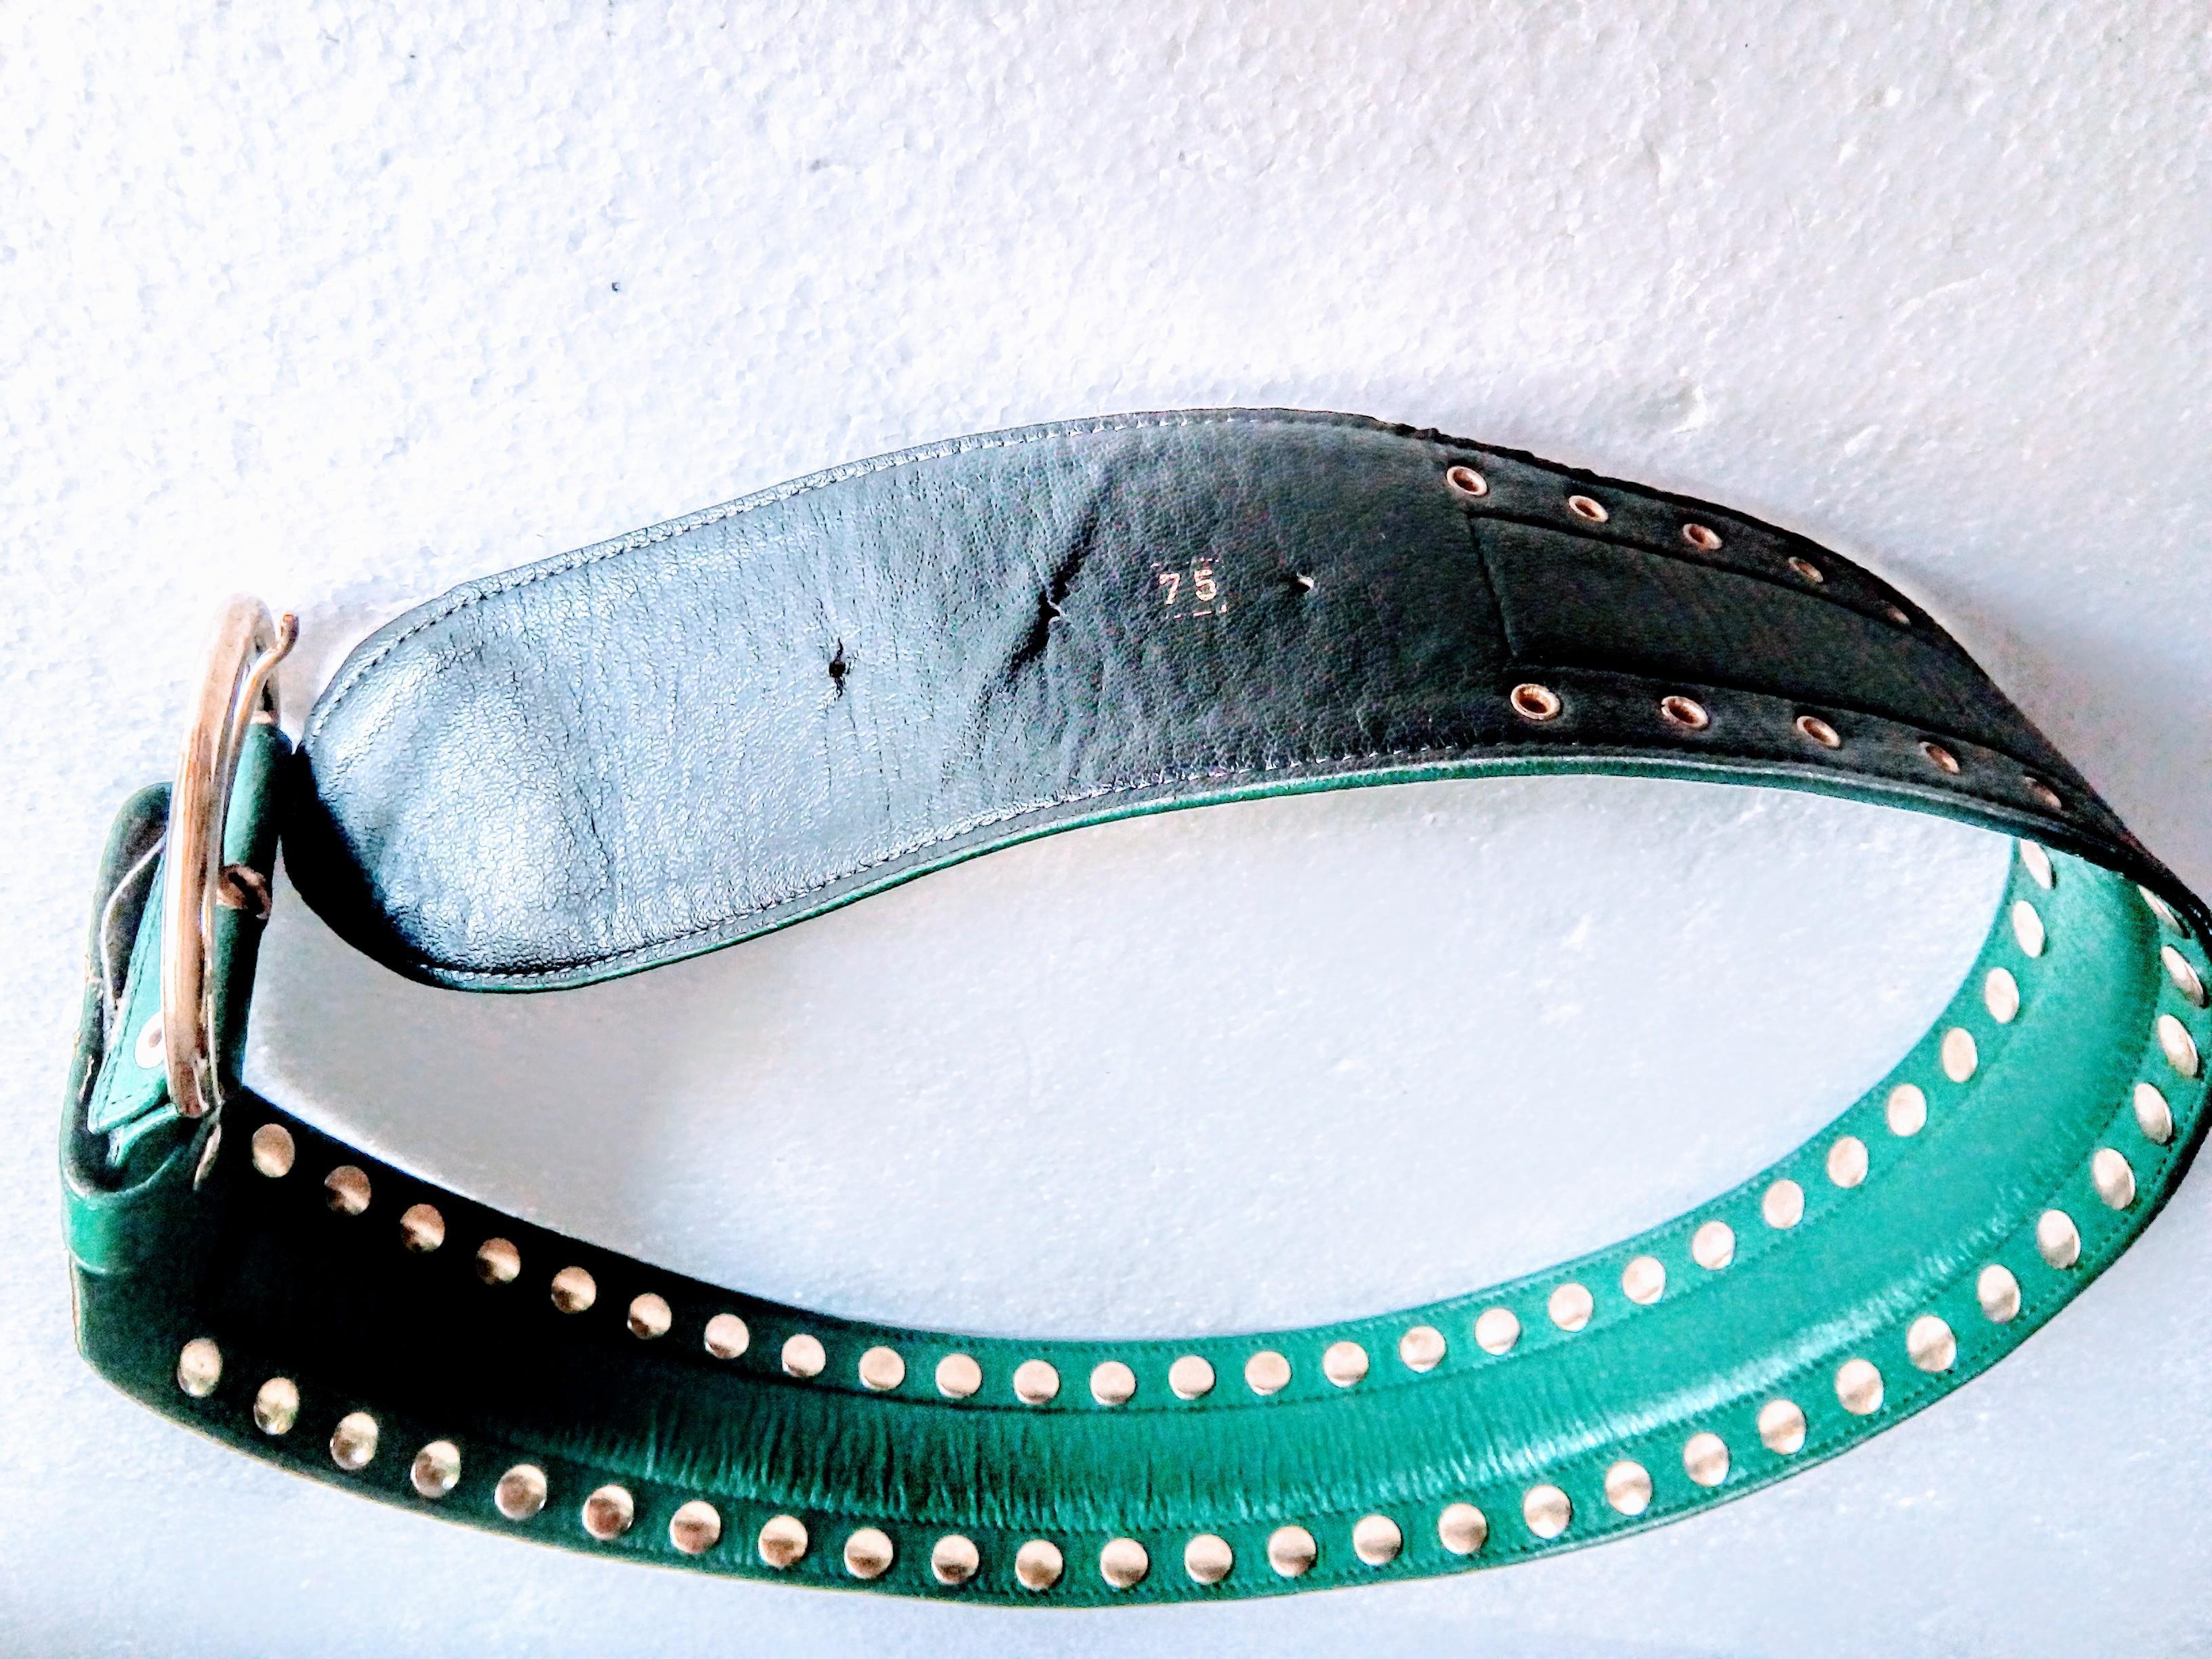 troc de troc ceinture À clous 75 image 1